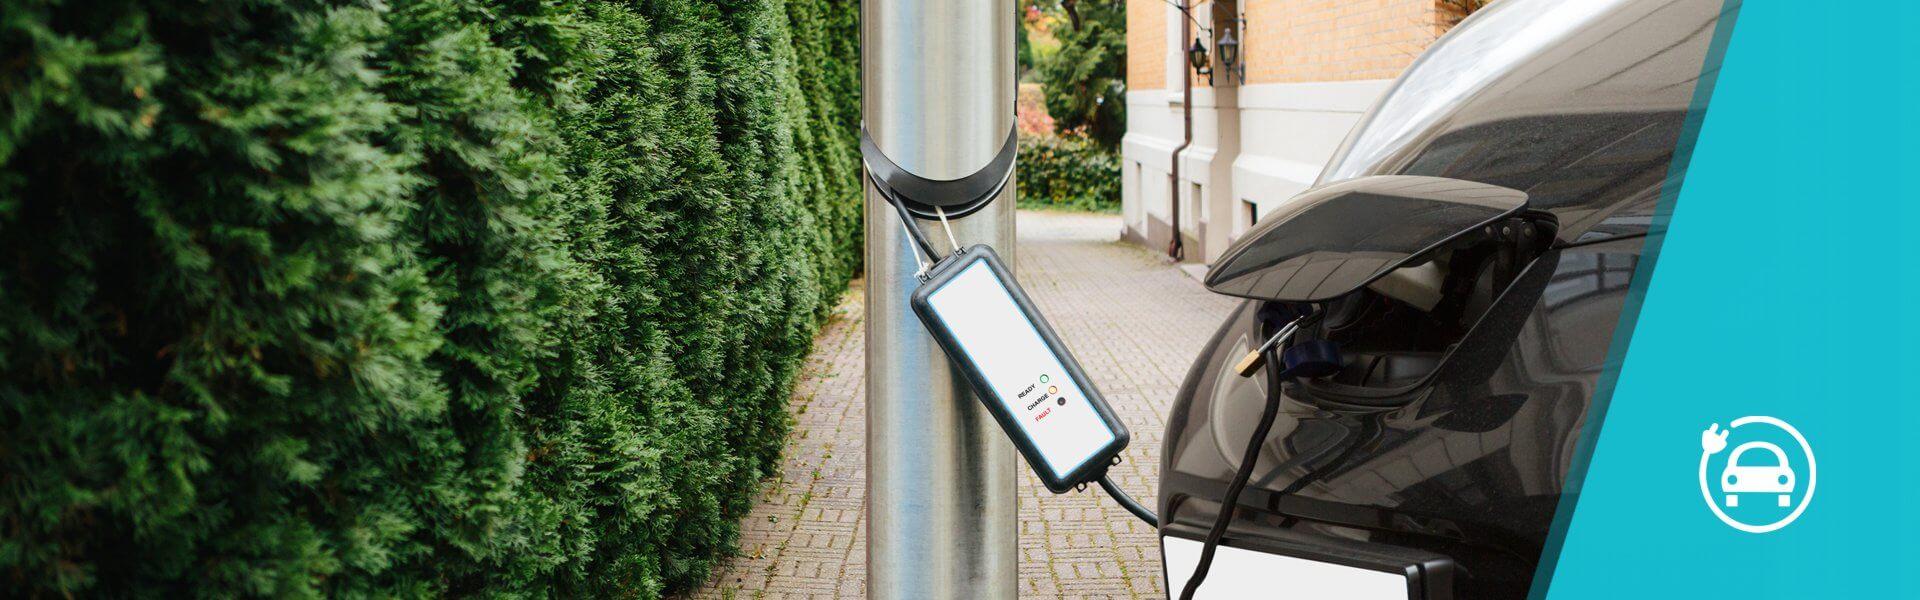 Private Ladestation E-Mobil